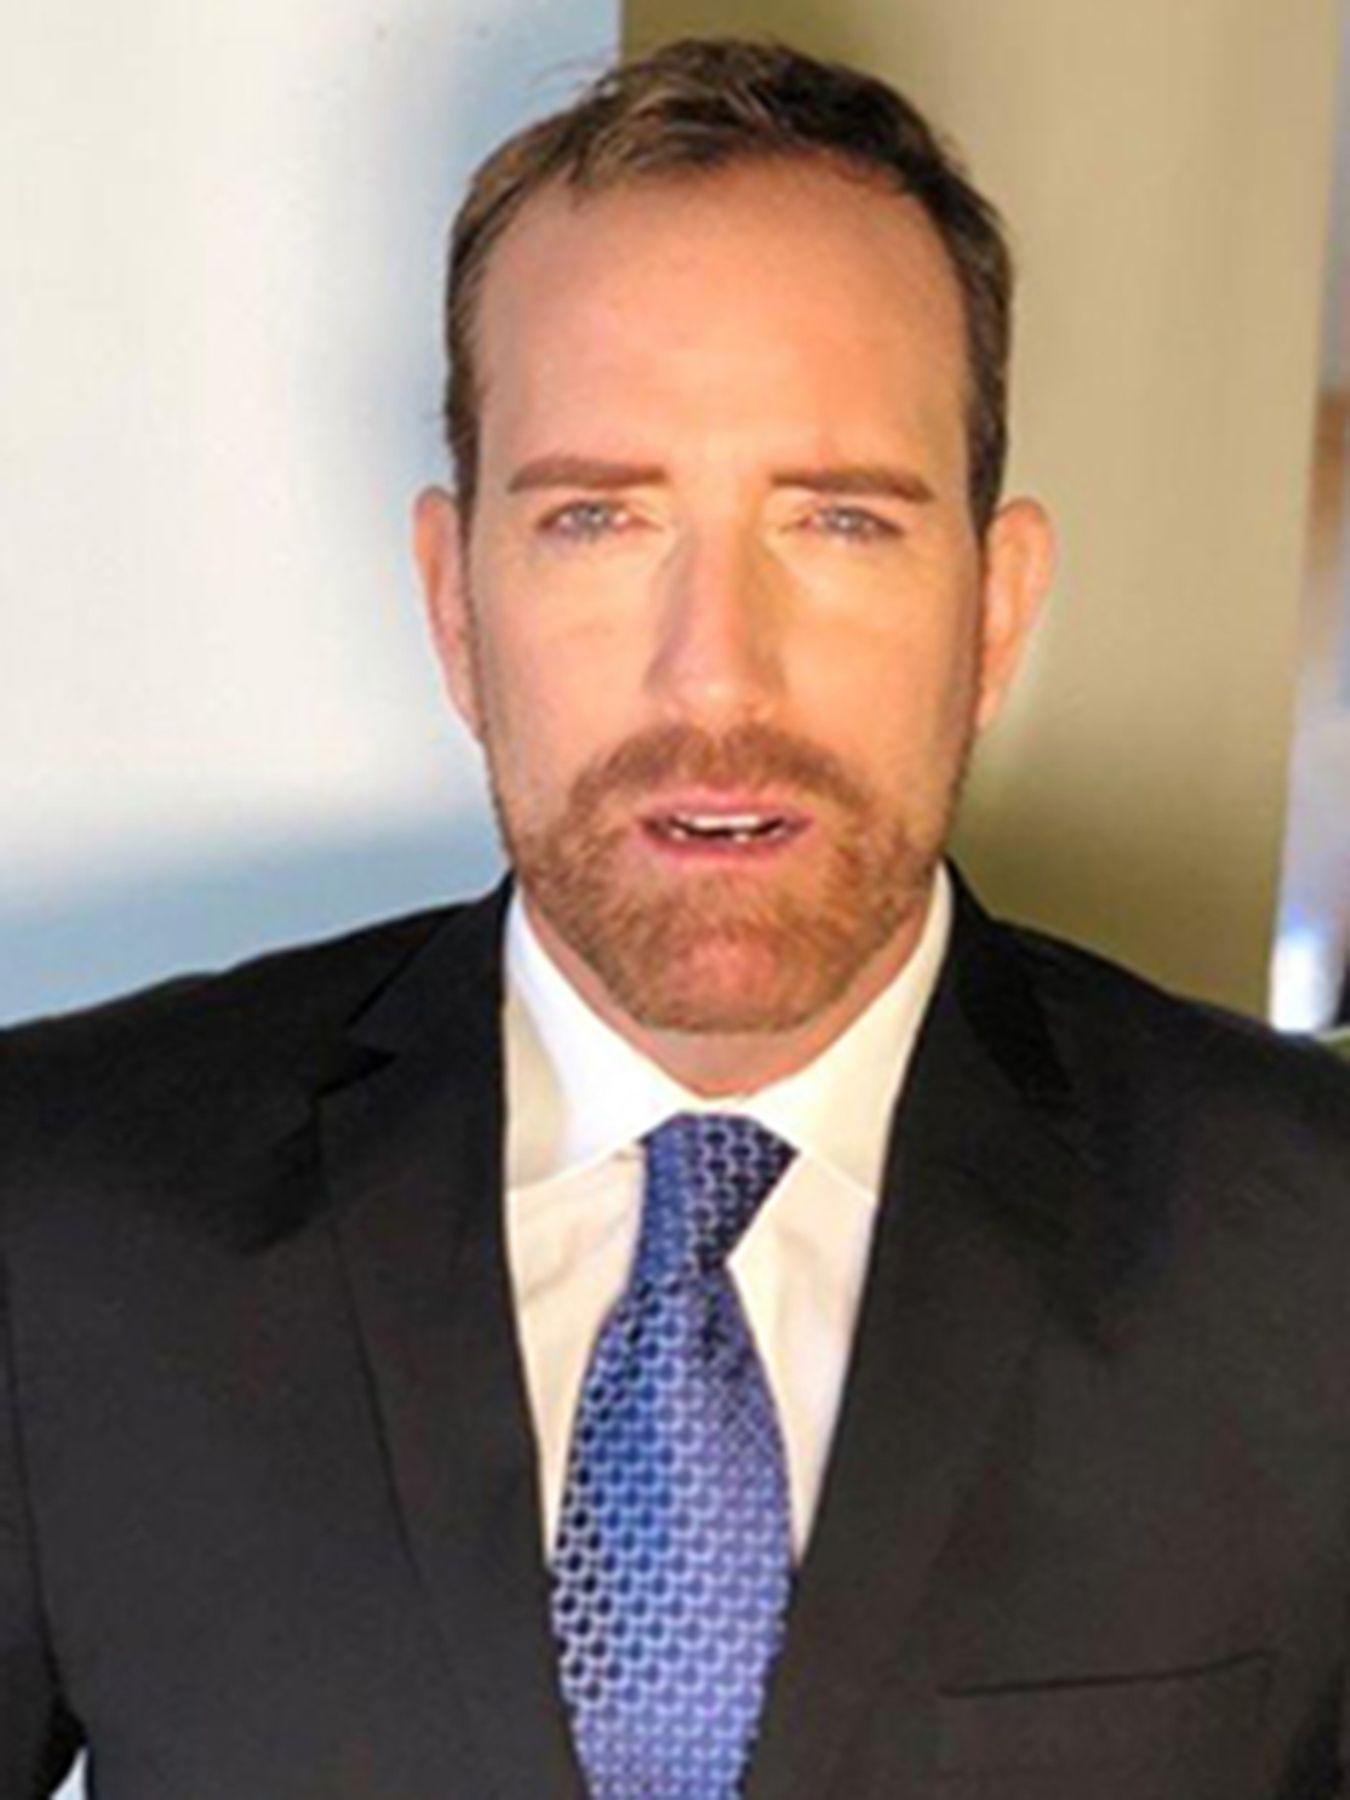 James C Keenan